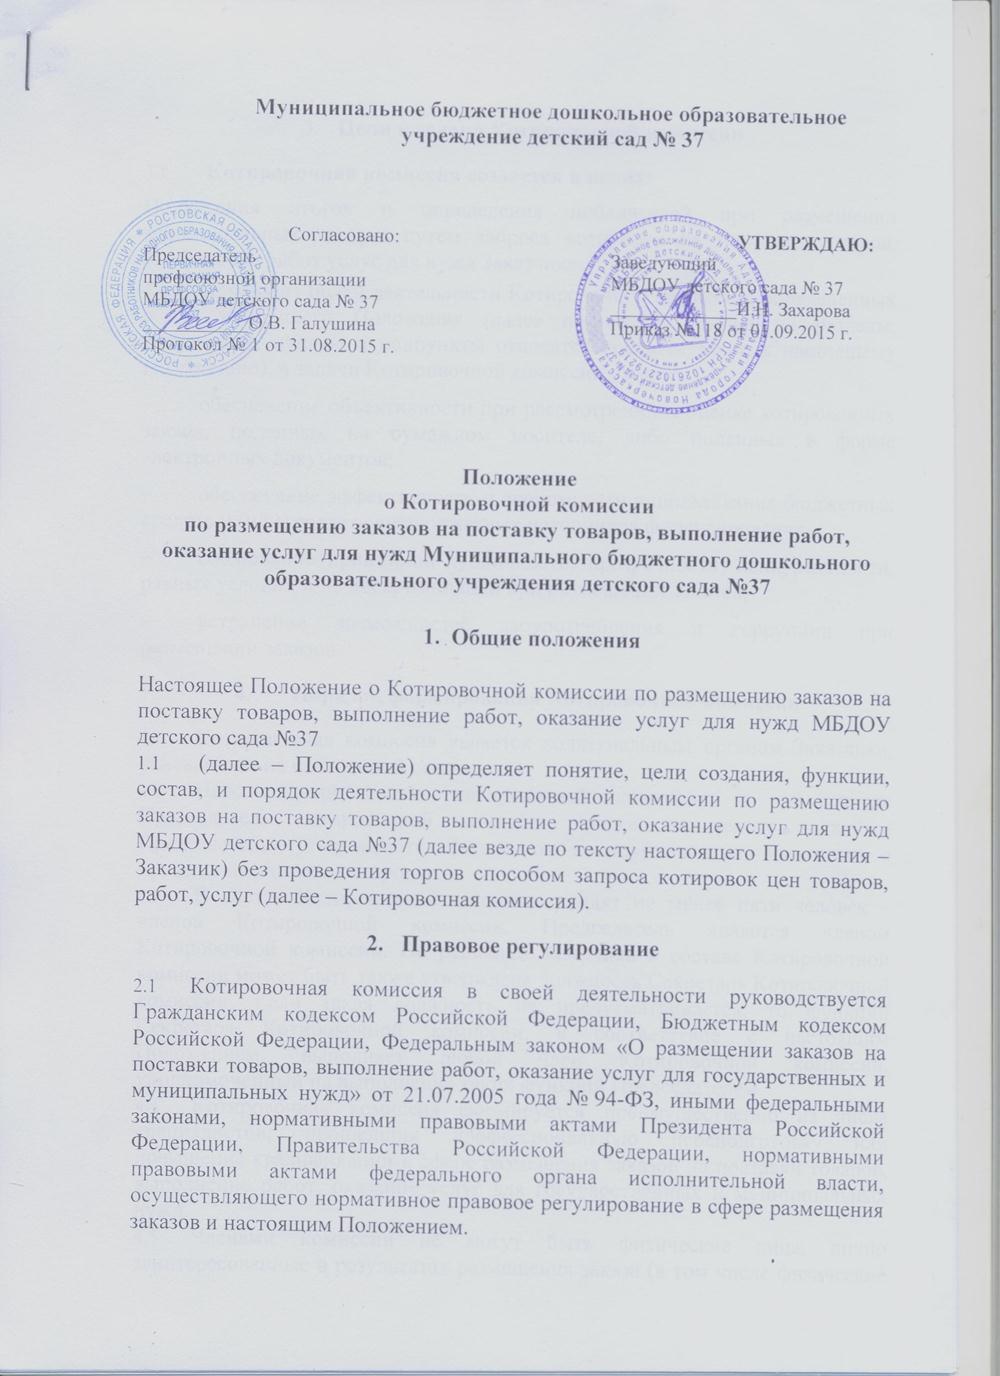 кот комиссия скан (Copy)